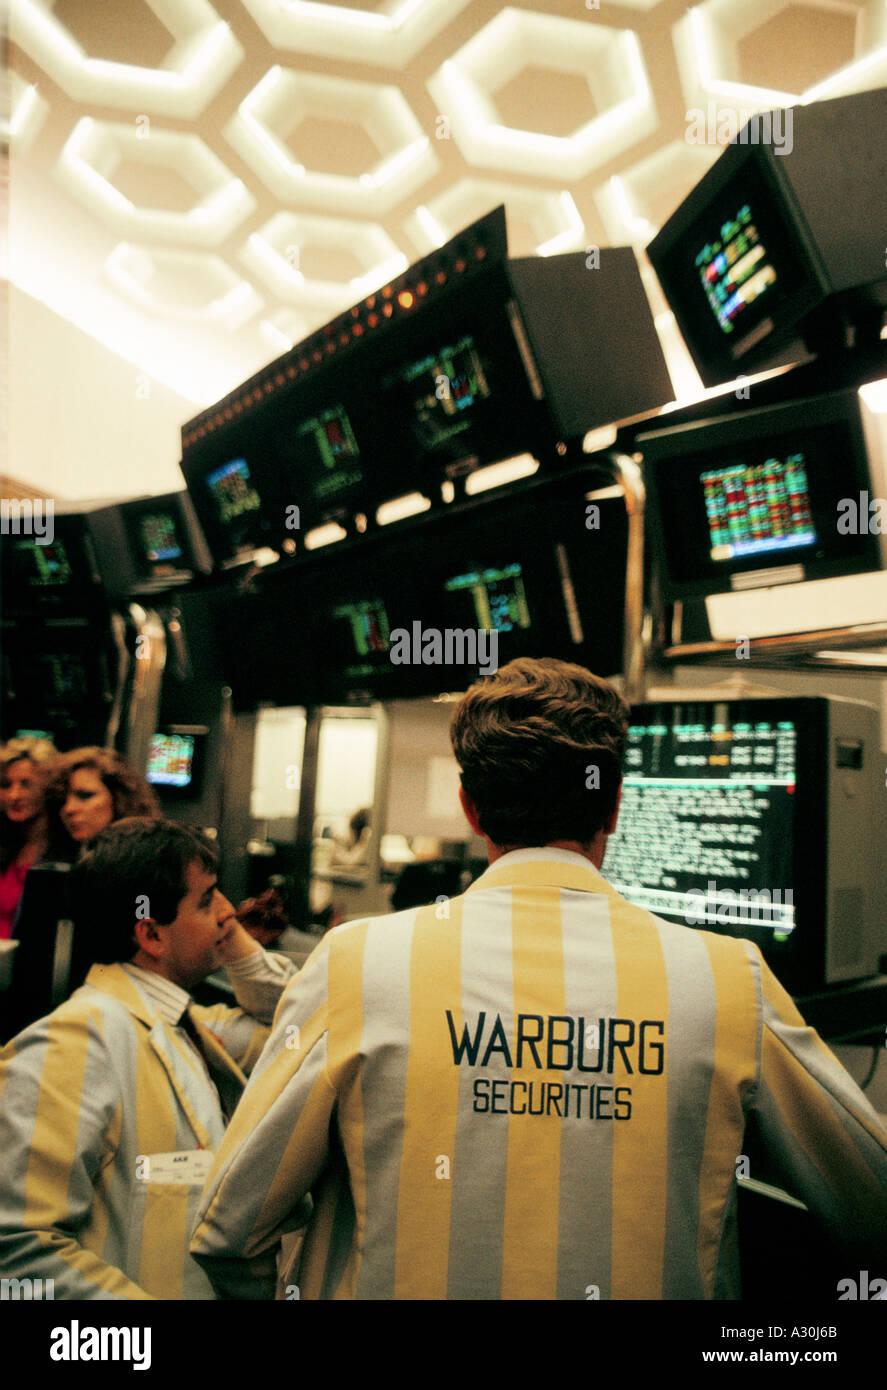 Händler in der alten Börse Optionen Marktanteil 1980 90er Jahre Eigenkapital zu tun, Warburgs Merchant Bank Stockbild